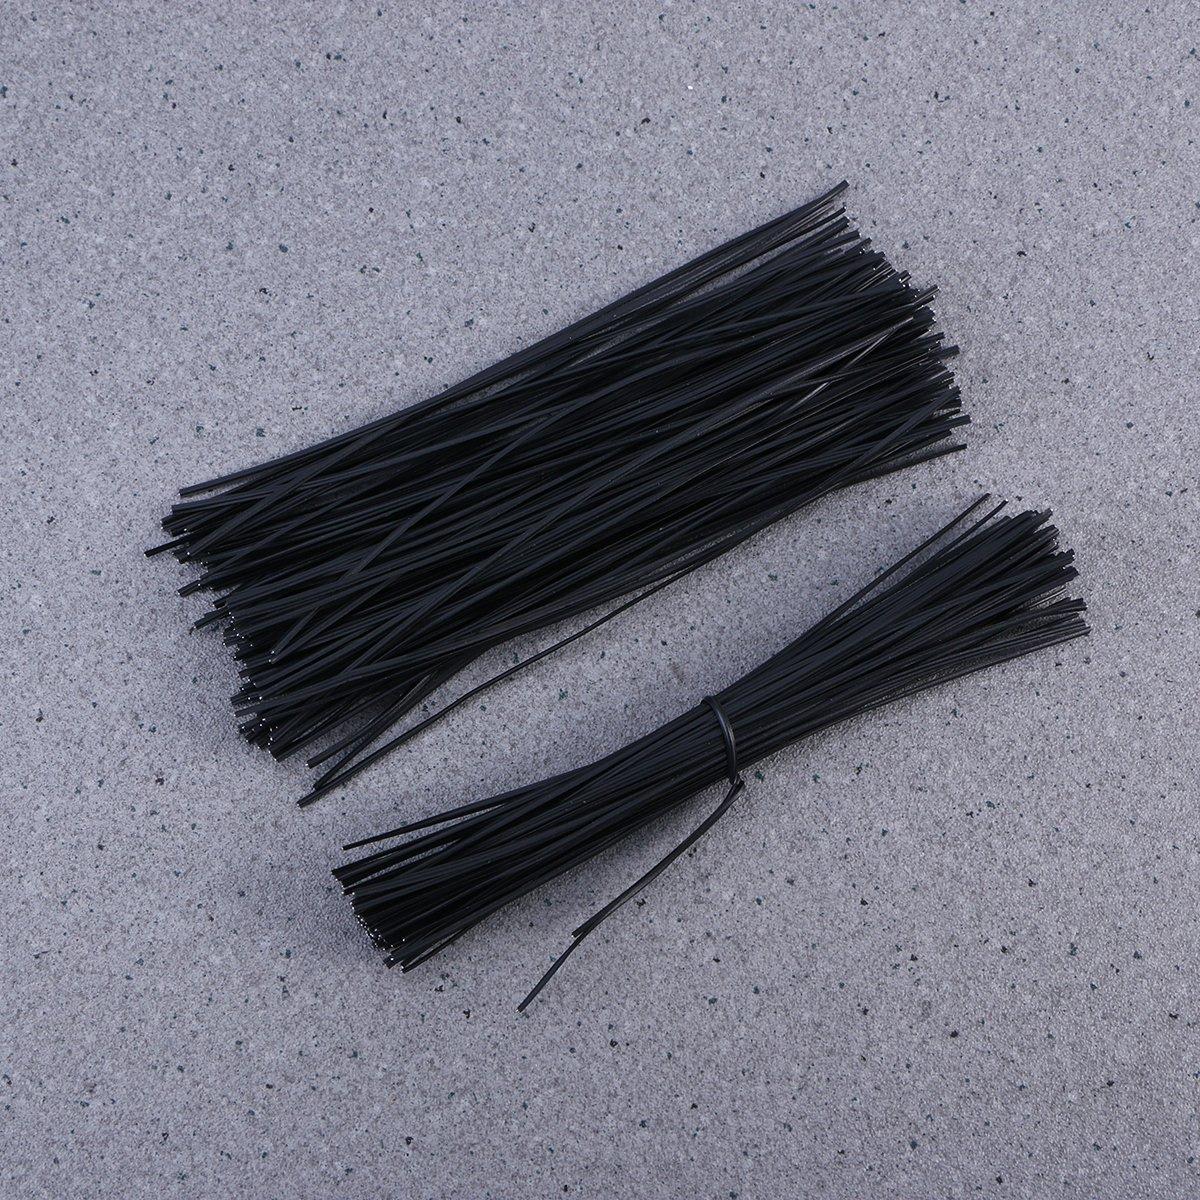 negro OUNONA Lazo de alambre de hierro recubierto de pl/ástico ataduras Organizador del abrigo del cable ata 15cm 500pcs